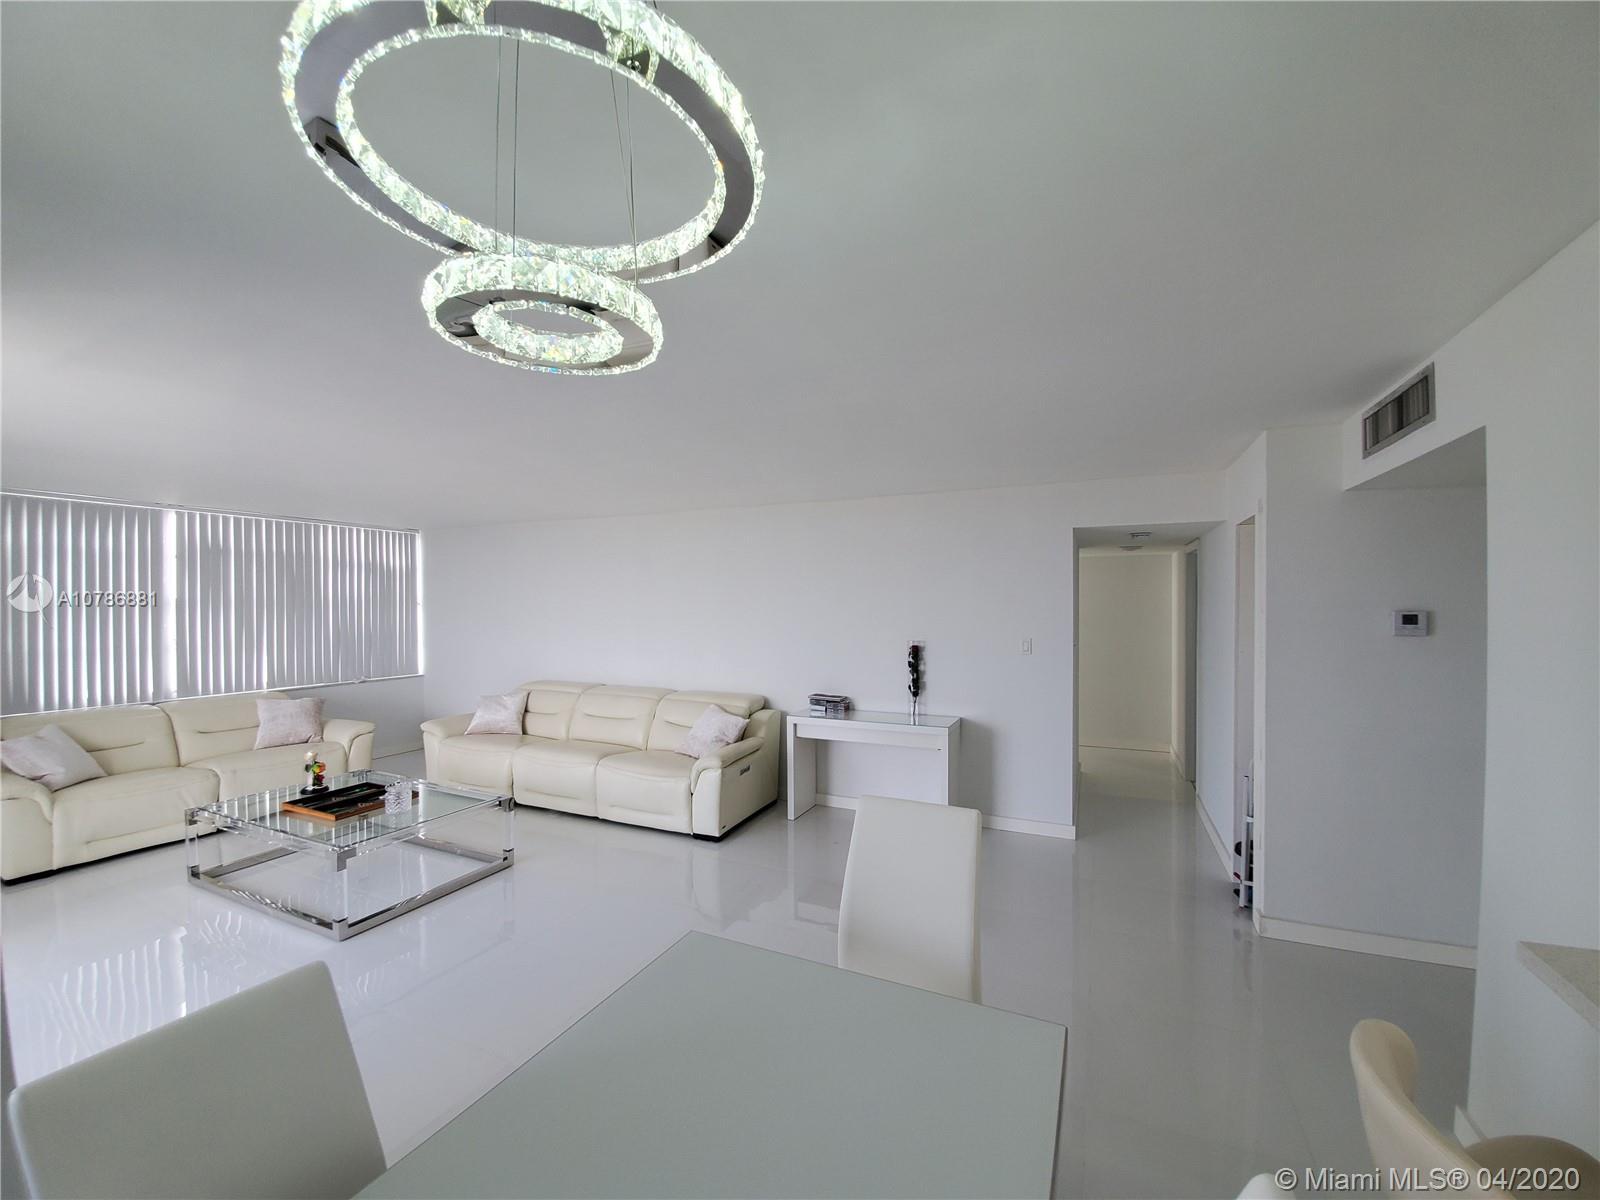 Del Prado #1604 - 18051 Biscayne Blvd #1604, Aventura, FL 33160